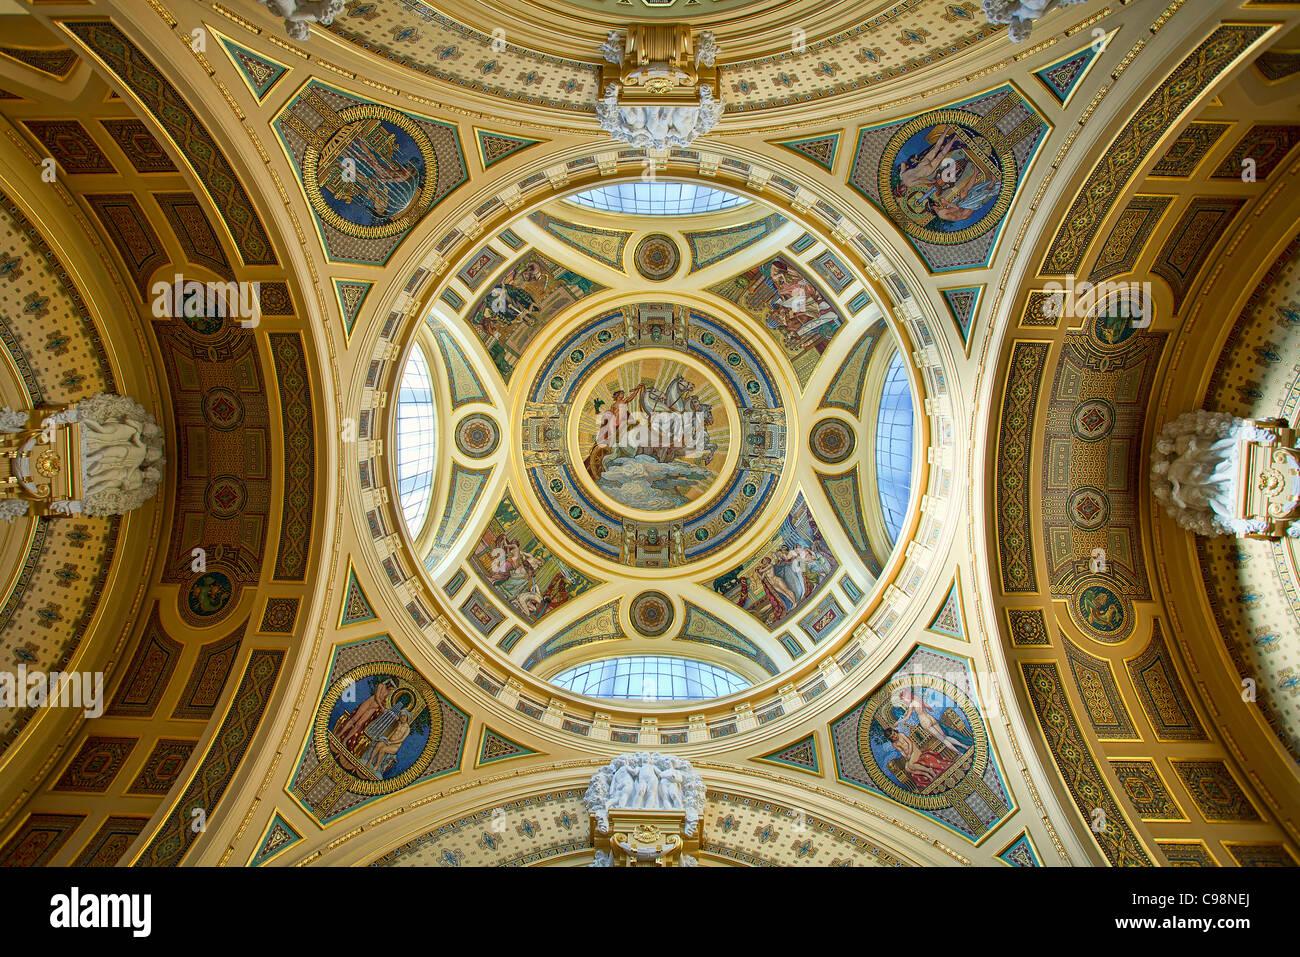 Budapest, Ceiling of Szechenyi Baths Main Hall - Stock Image